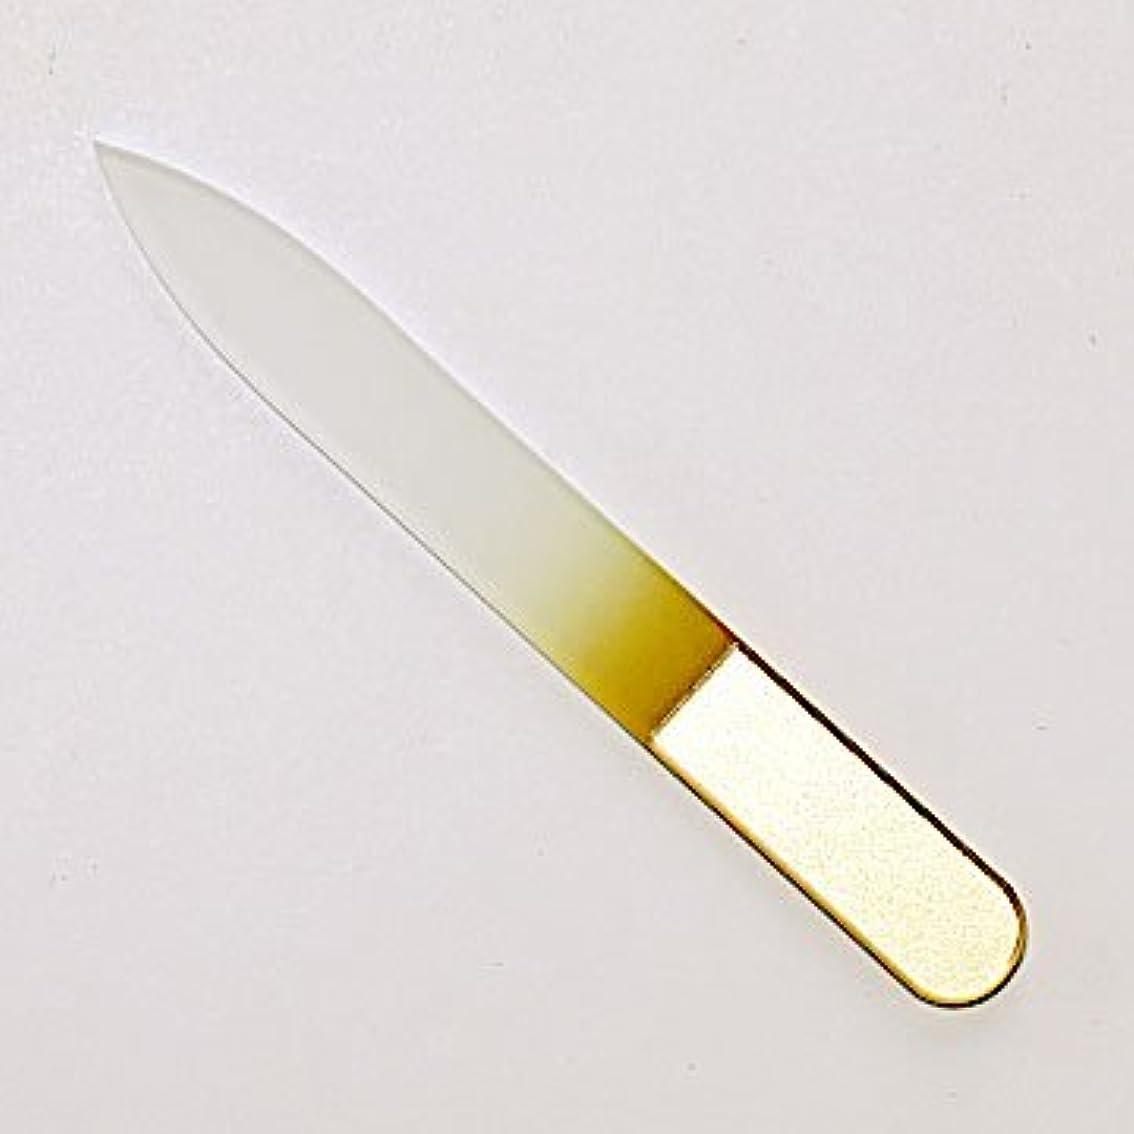 クリスマス実業家うまチェコ製 AXiON(アクシオン)ガラス製爪ヤスリ(ゴールド)両面タイプ #slg009614fba